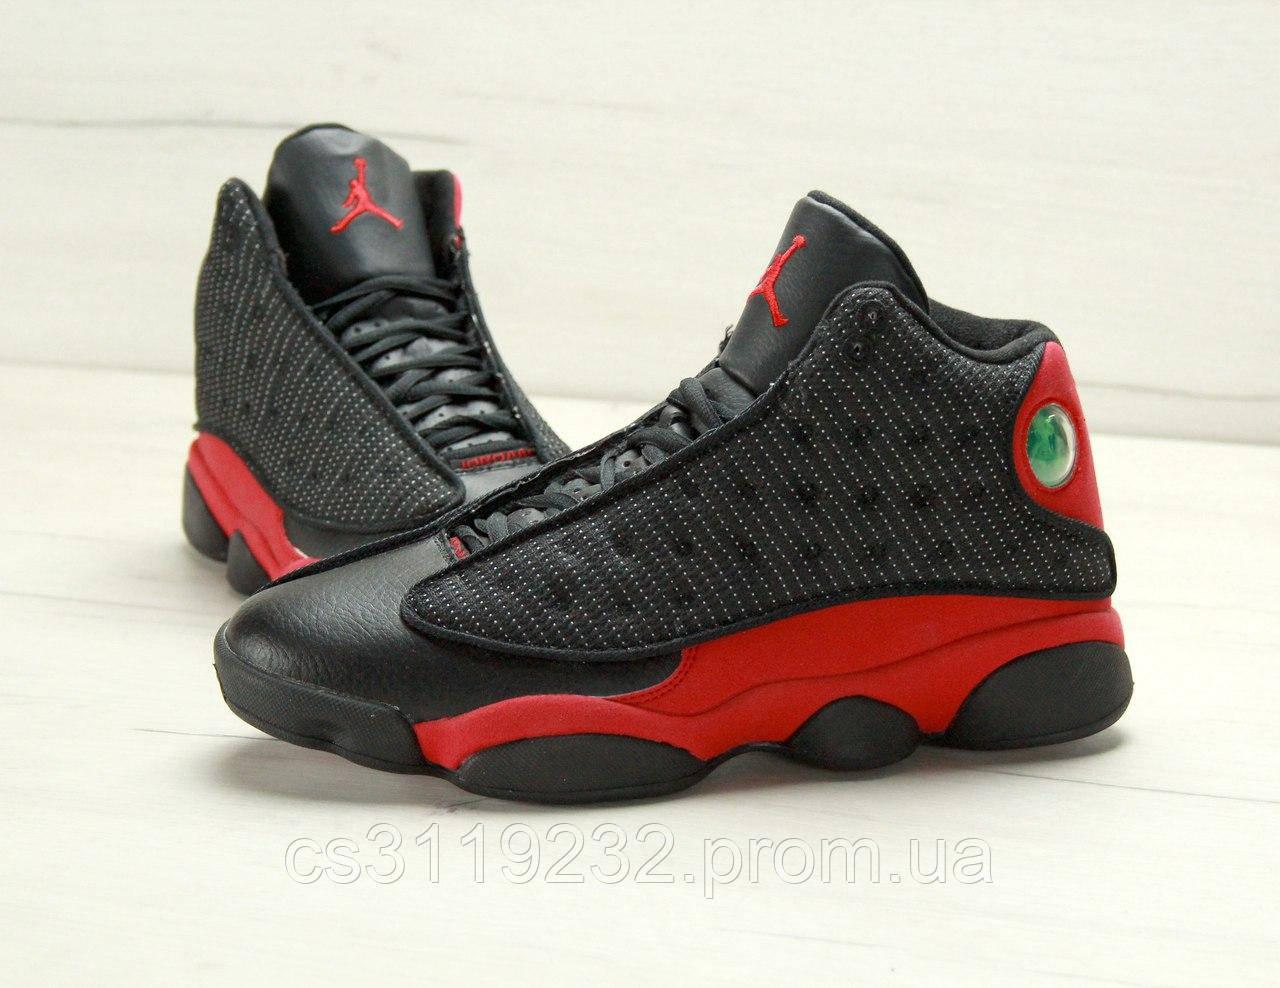 Мужские кроссовки Nike Air Jordan (черно-красные)